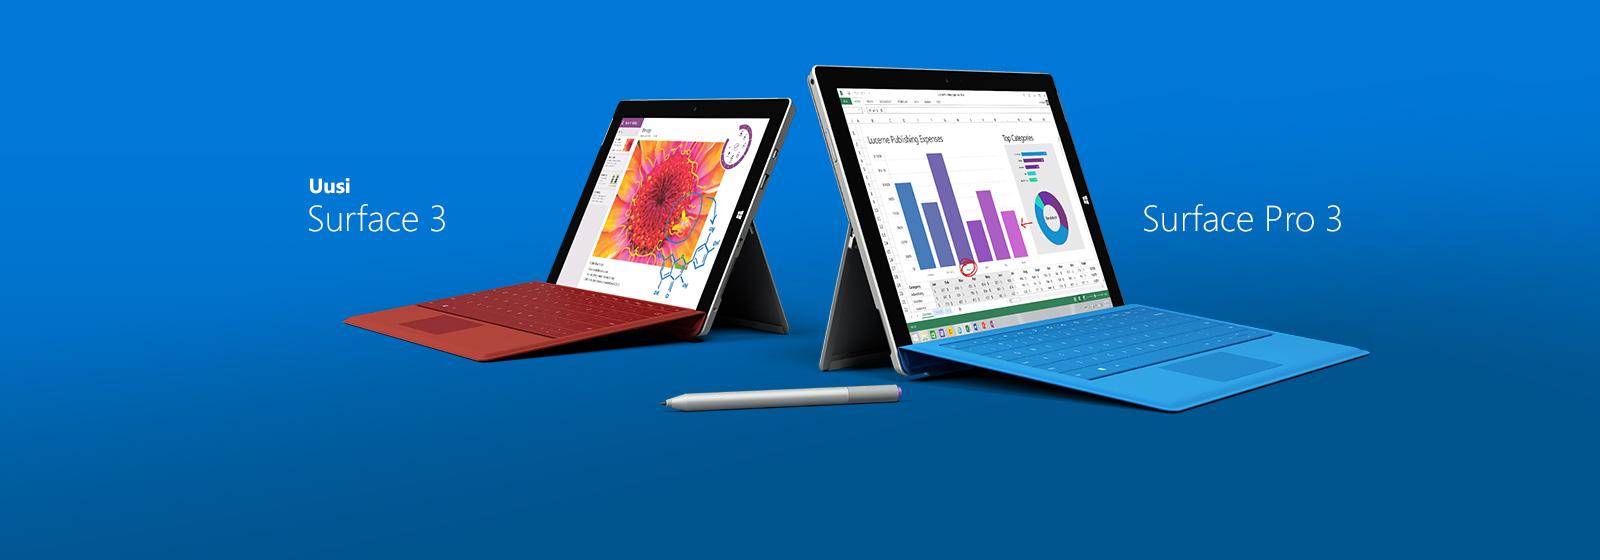 Surface-mallistosta löytyy jokaiselle oikea laite. Osta nyt.